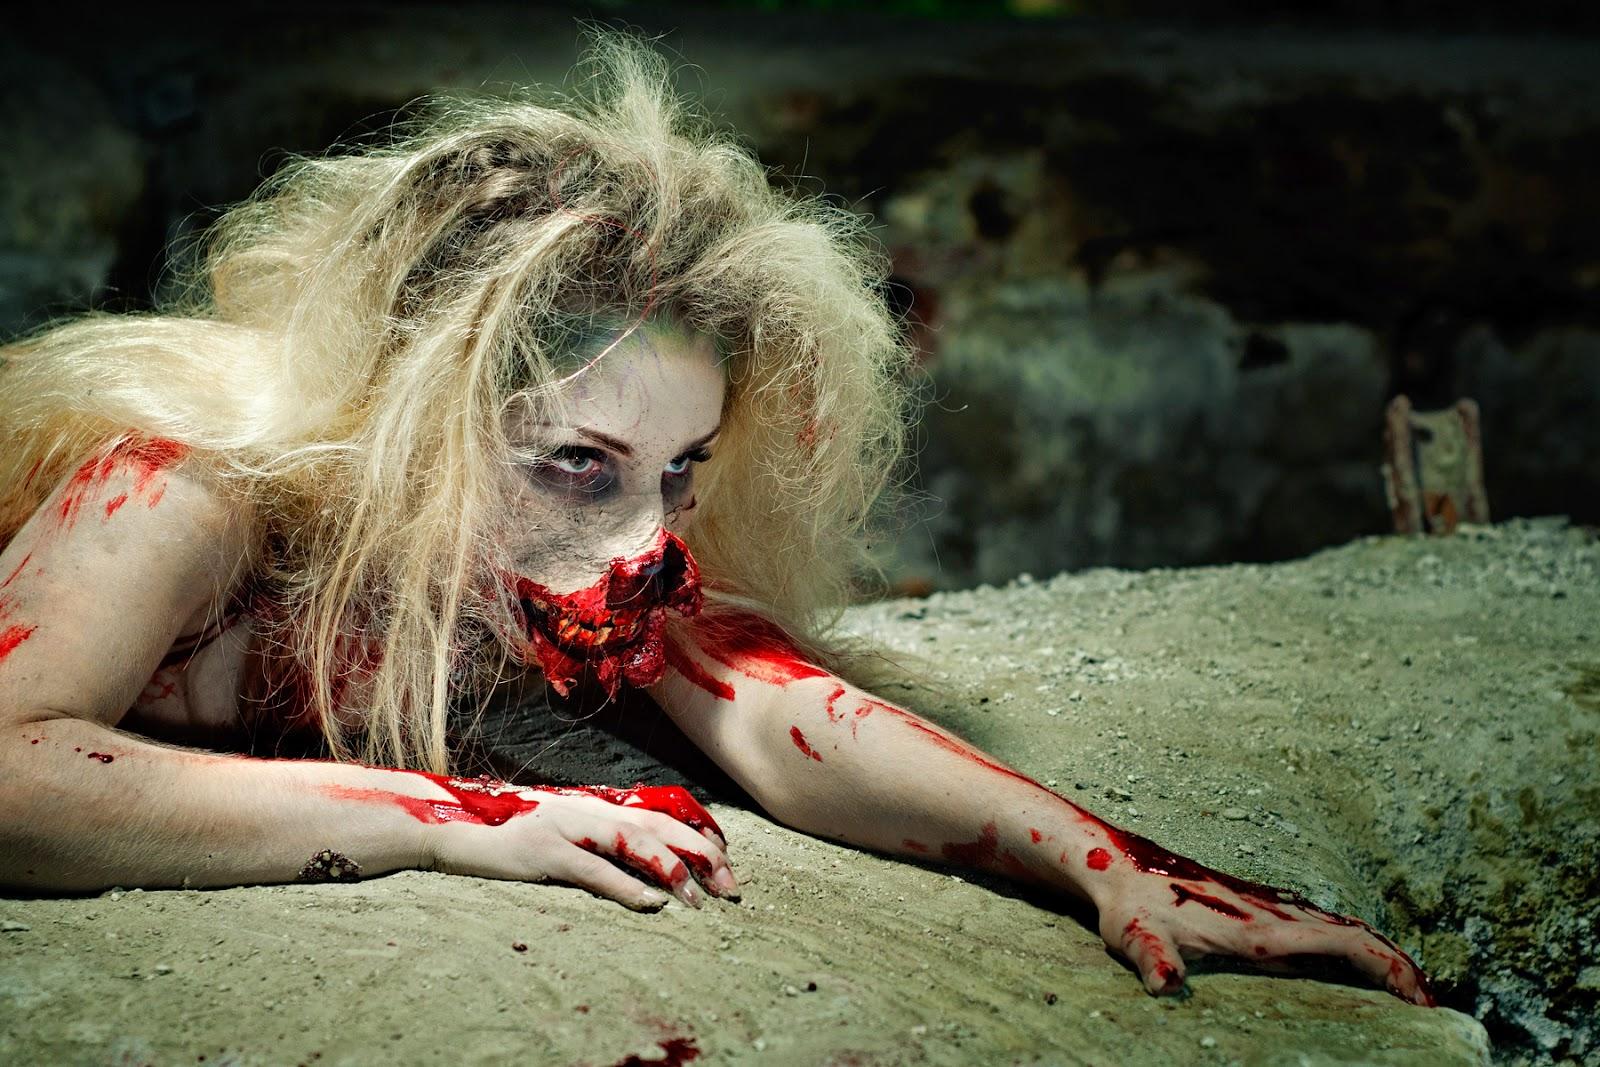 [116.] Sesja z charakteryzacją zombie.